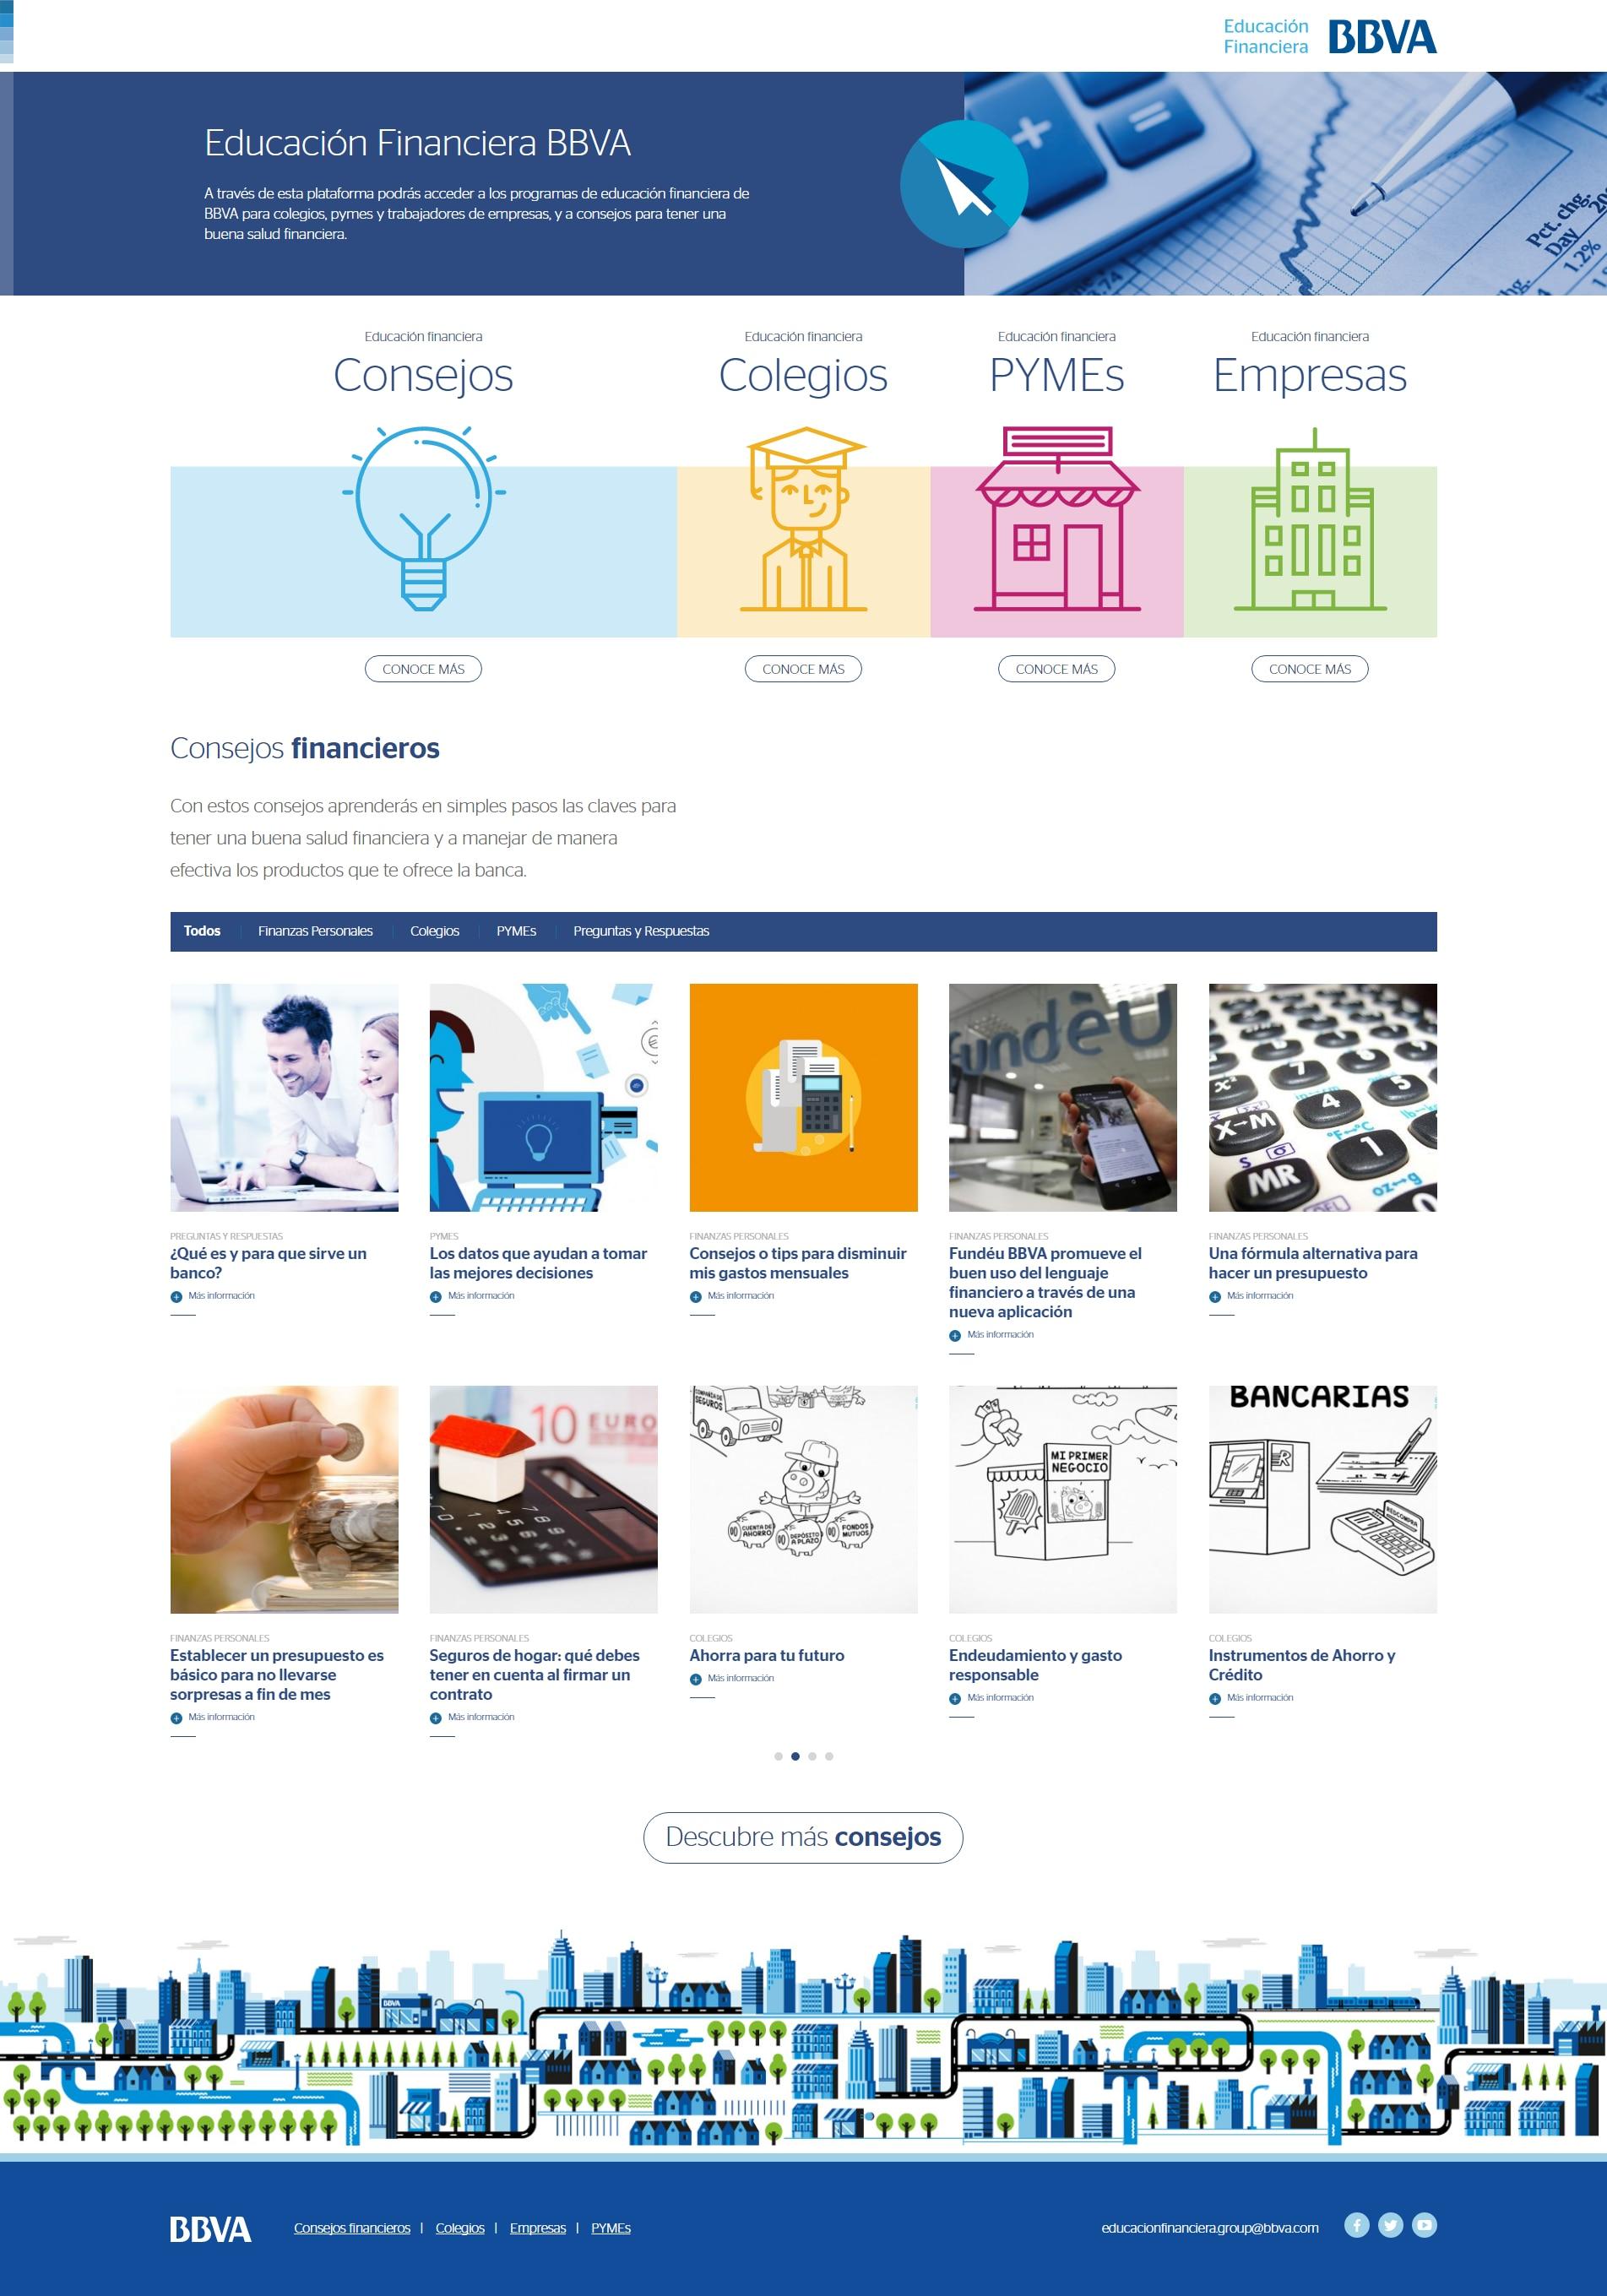 Imagen site de Educación Financiera de BBVA Chile